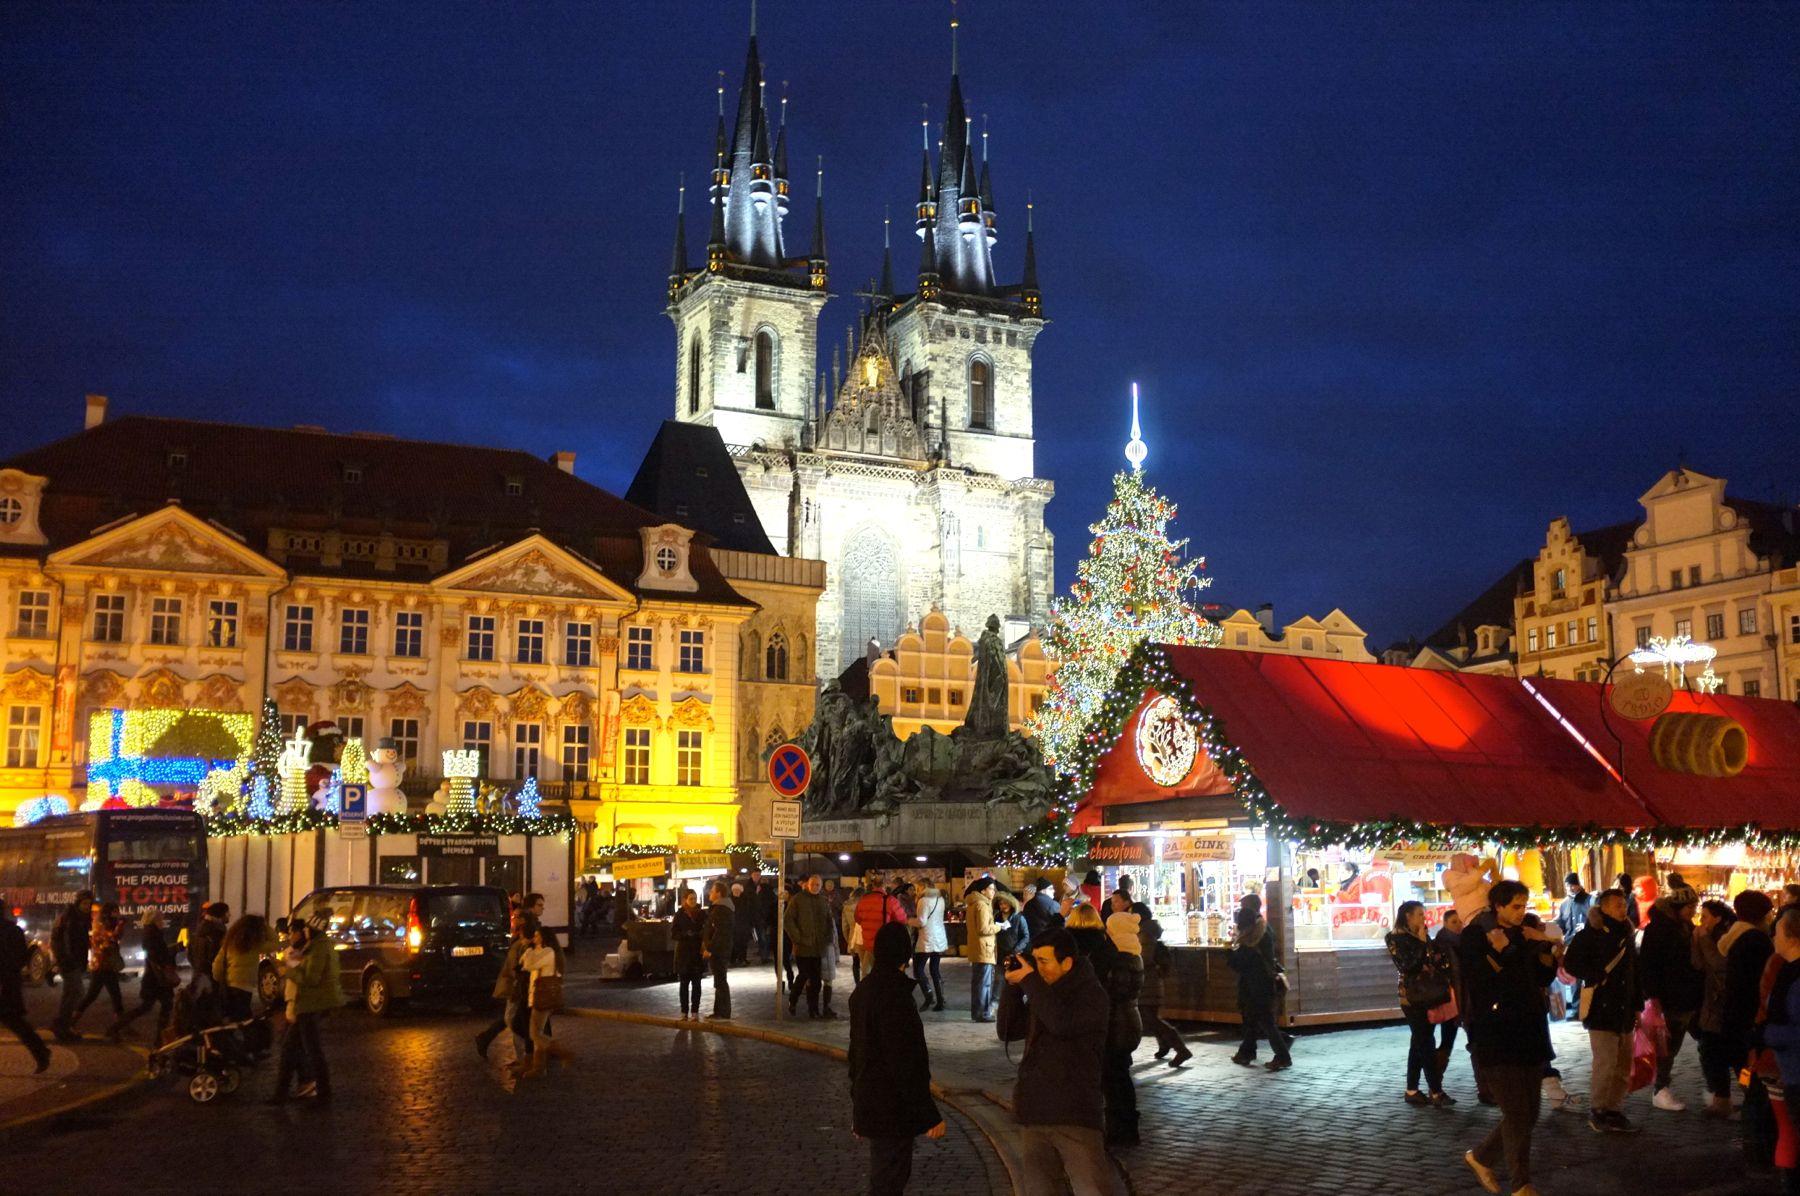 Тур из екатеринбурга в прагу на новый год 2017